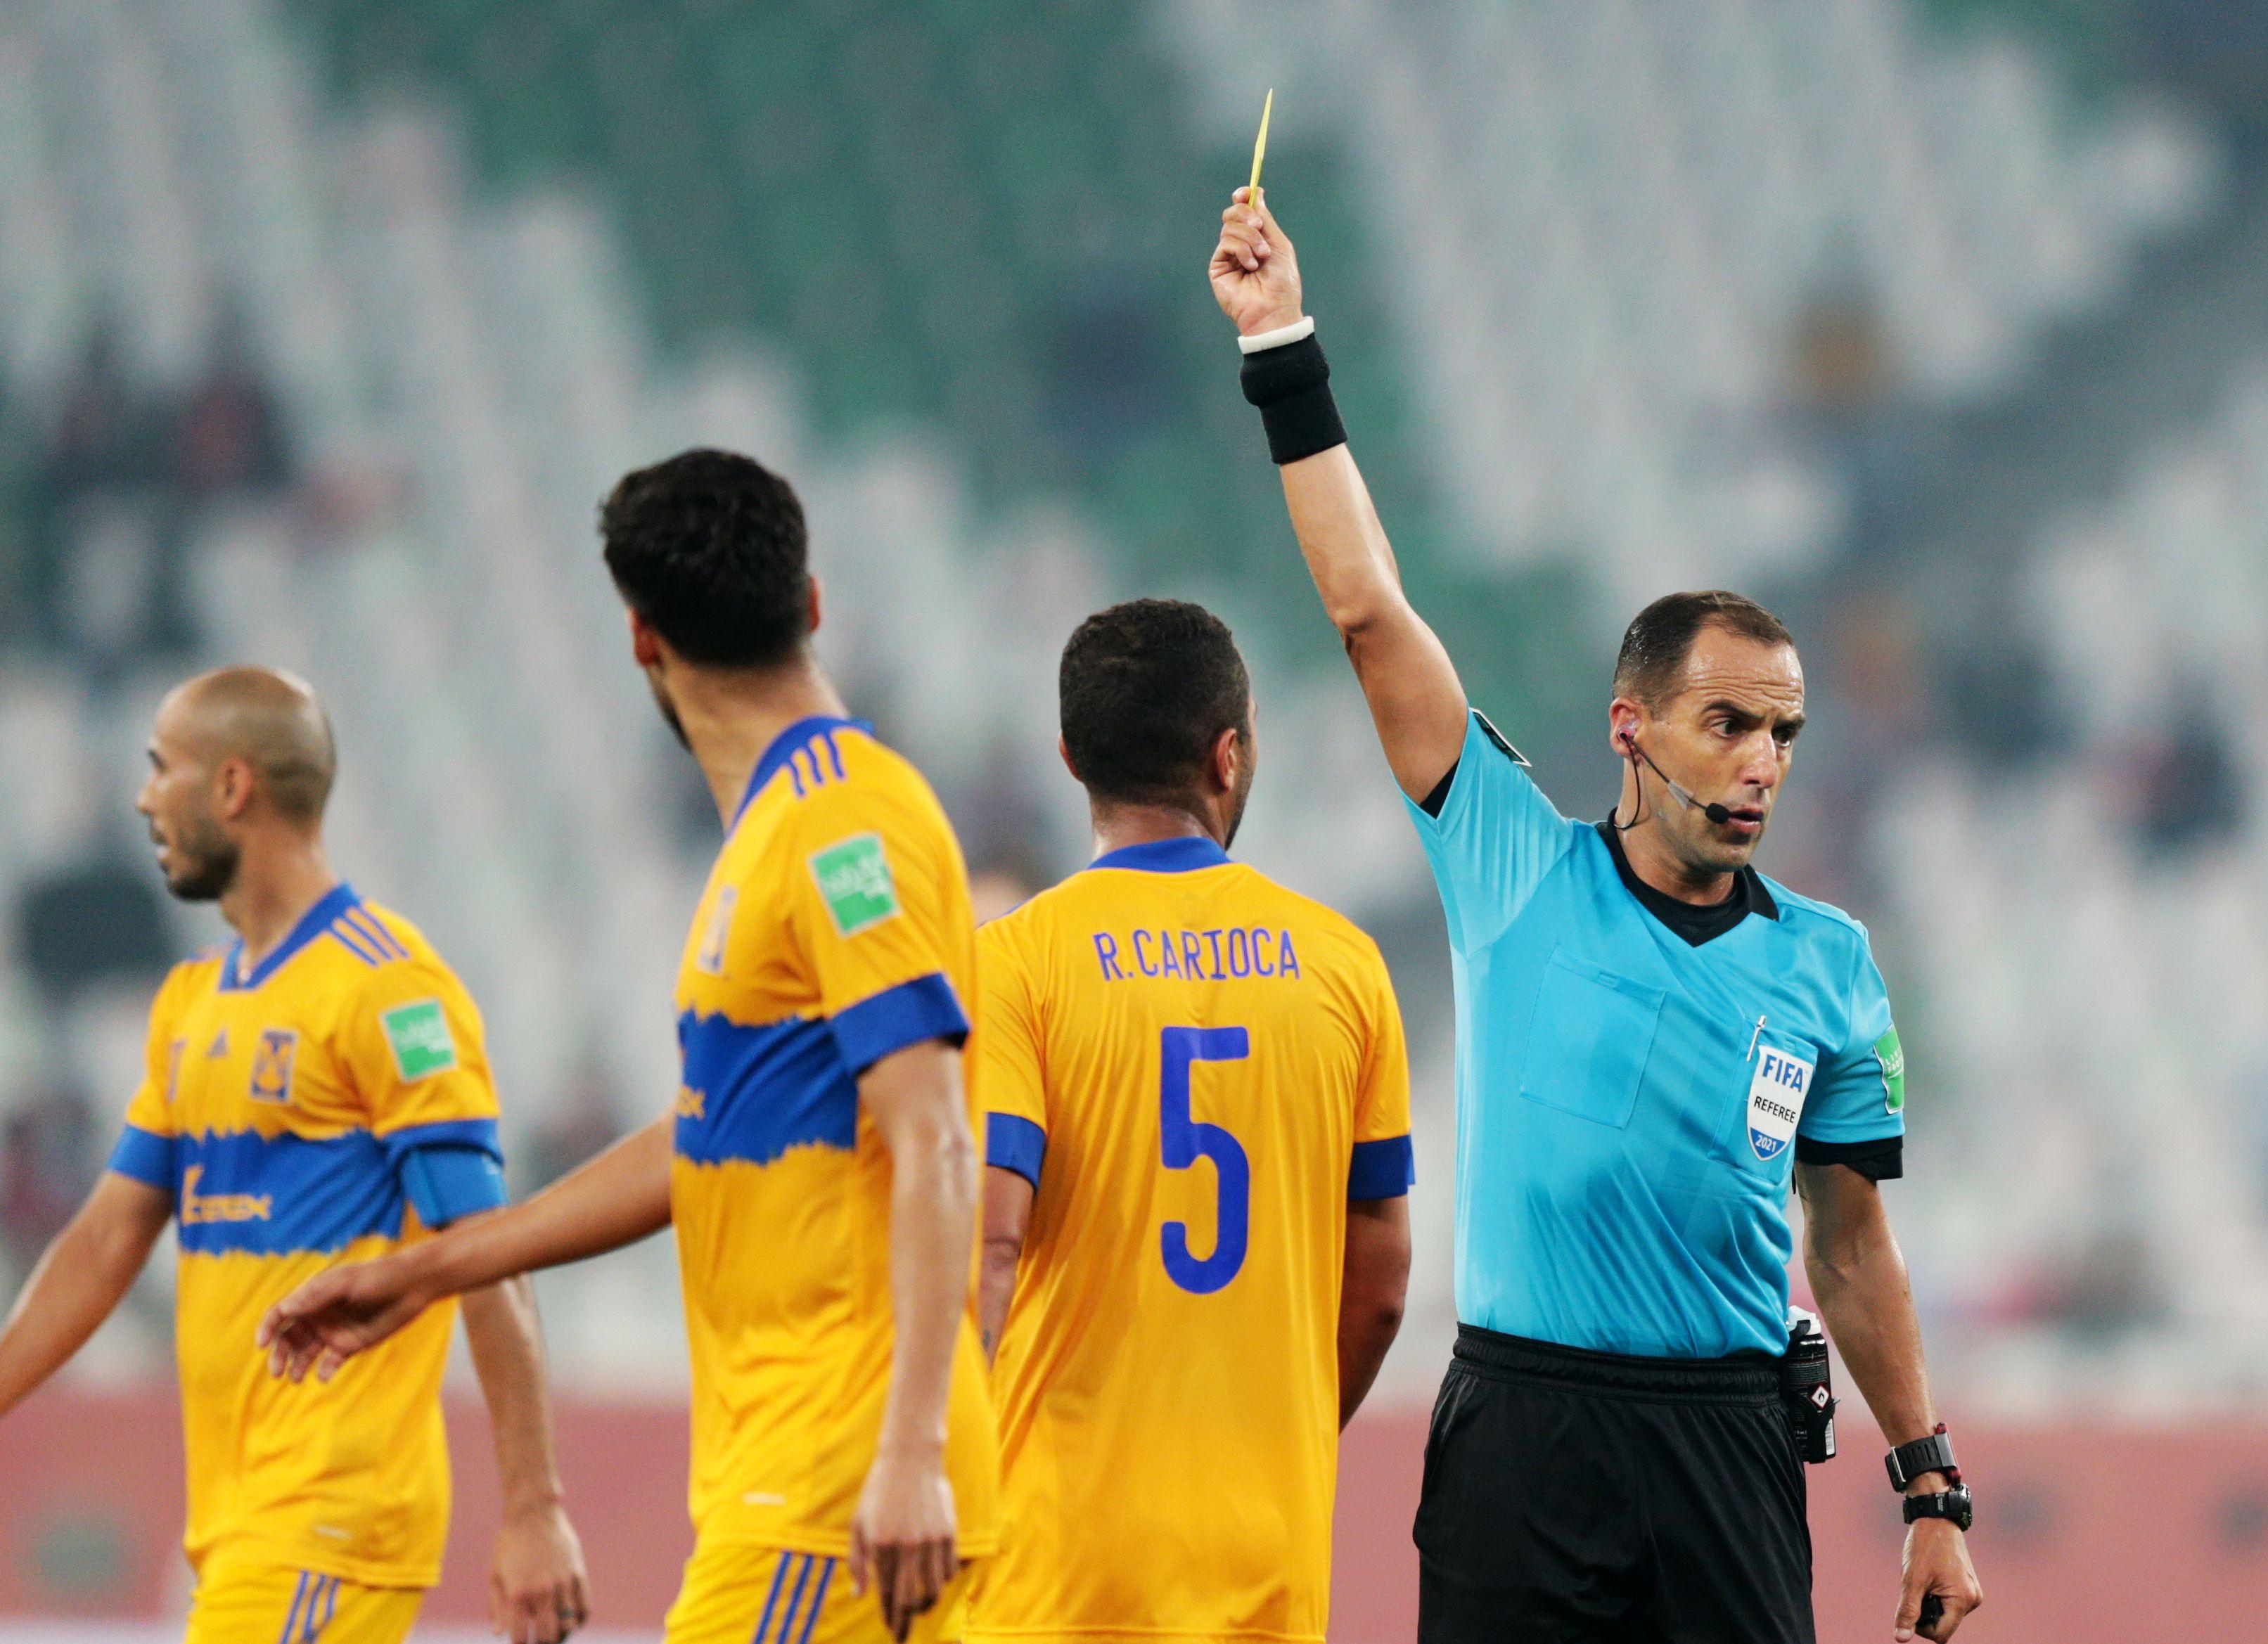 El referí Esteban Ostojich saca tarjeta amarilla a Rafael Carioca de Tigres.